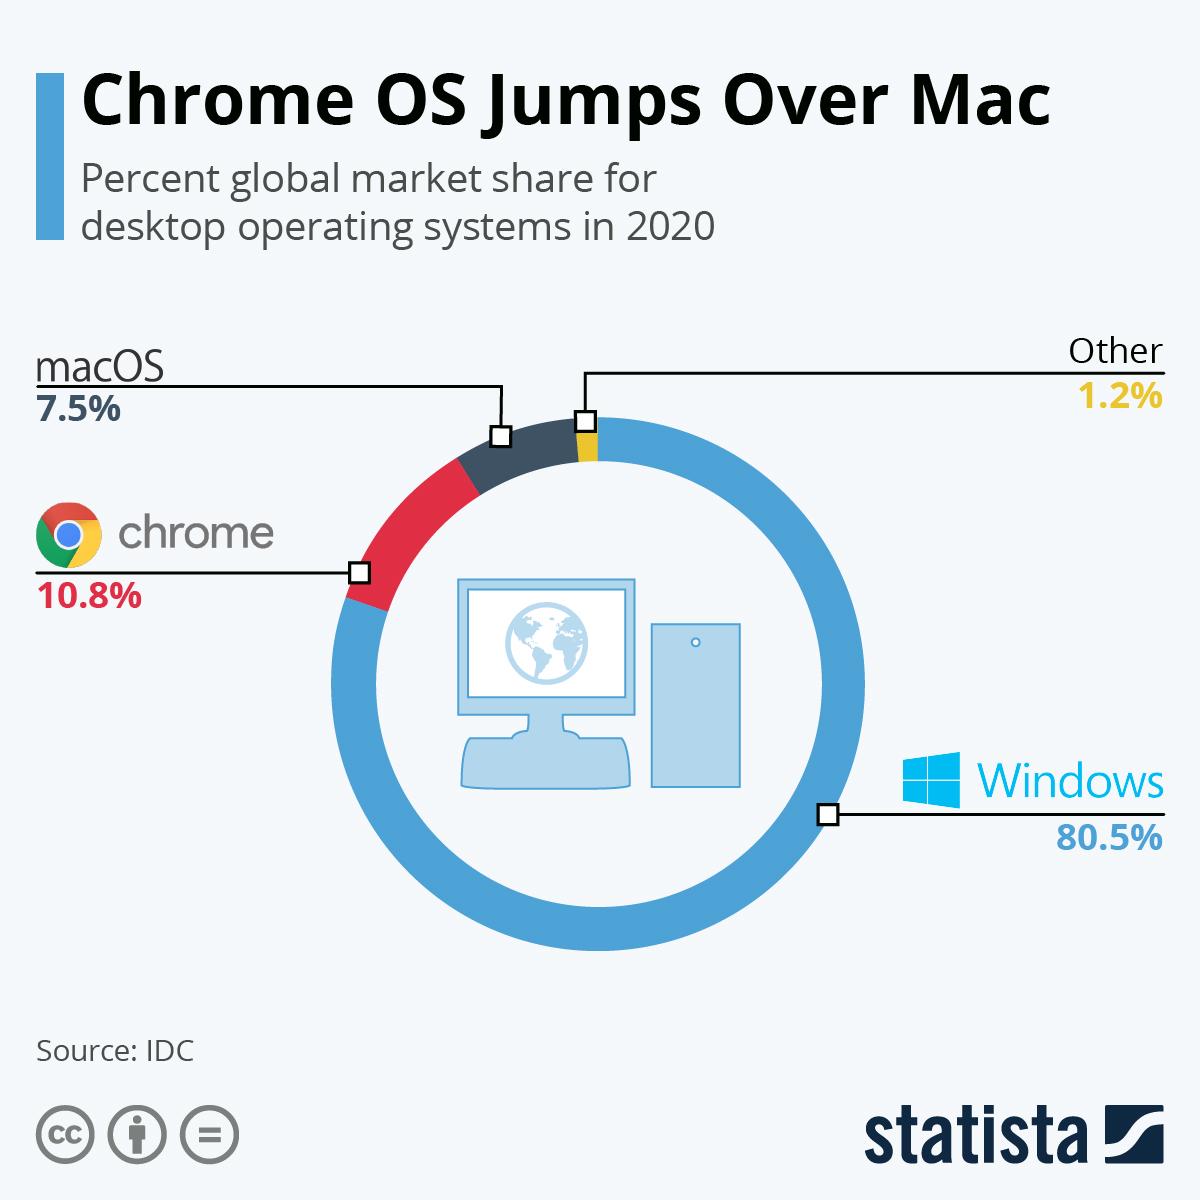 Google Chrome OS beats Mac OS